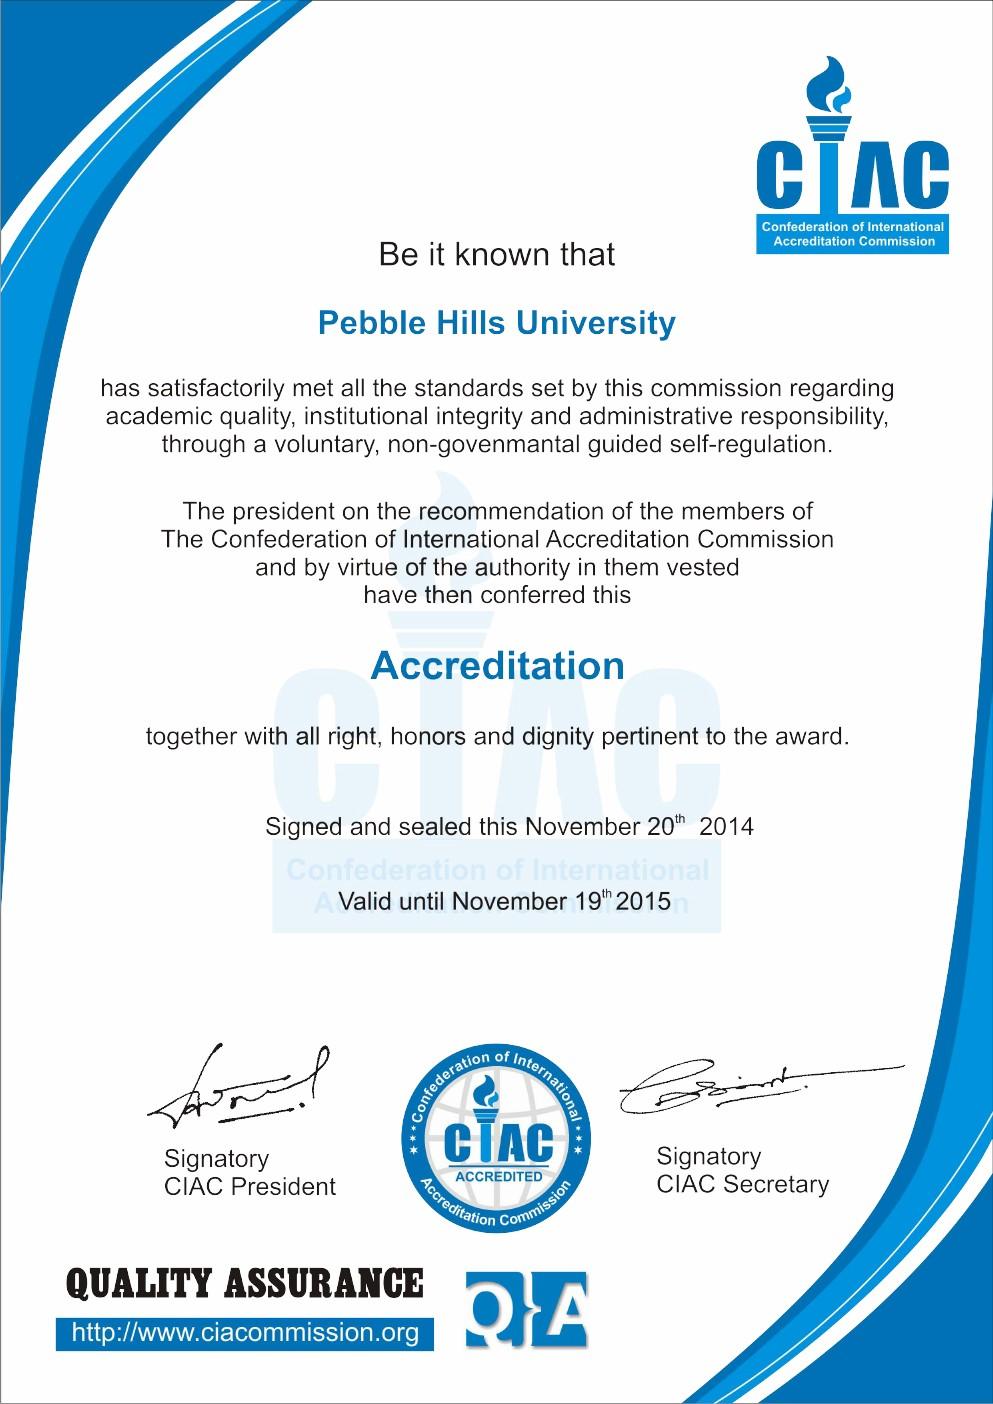 PHU - CIAC ACCREDITATION CERTIFICATE (2)